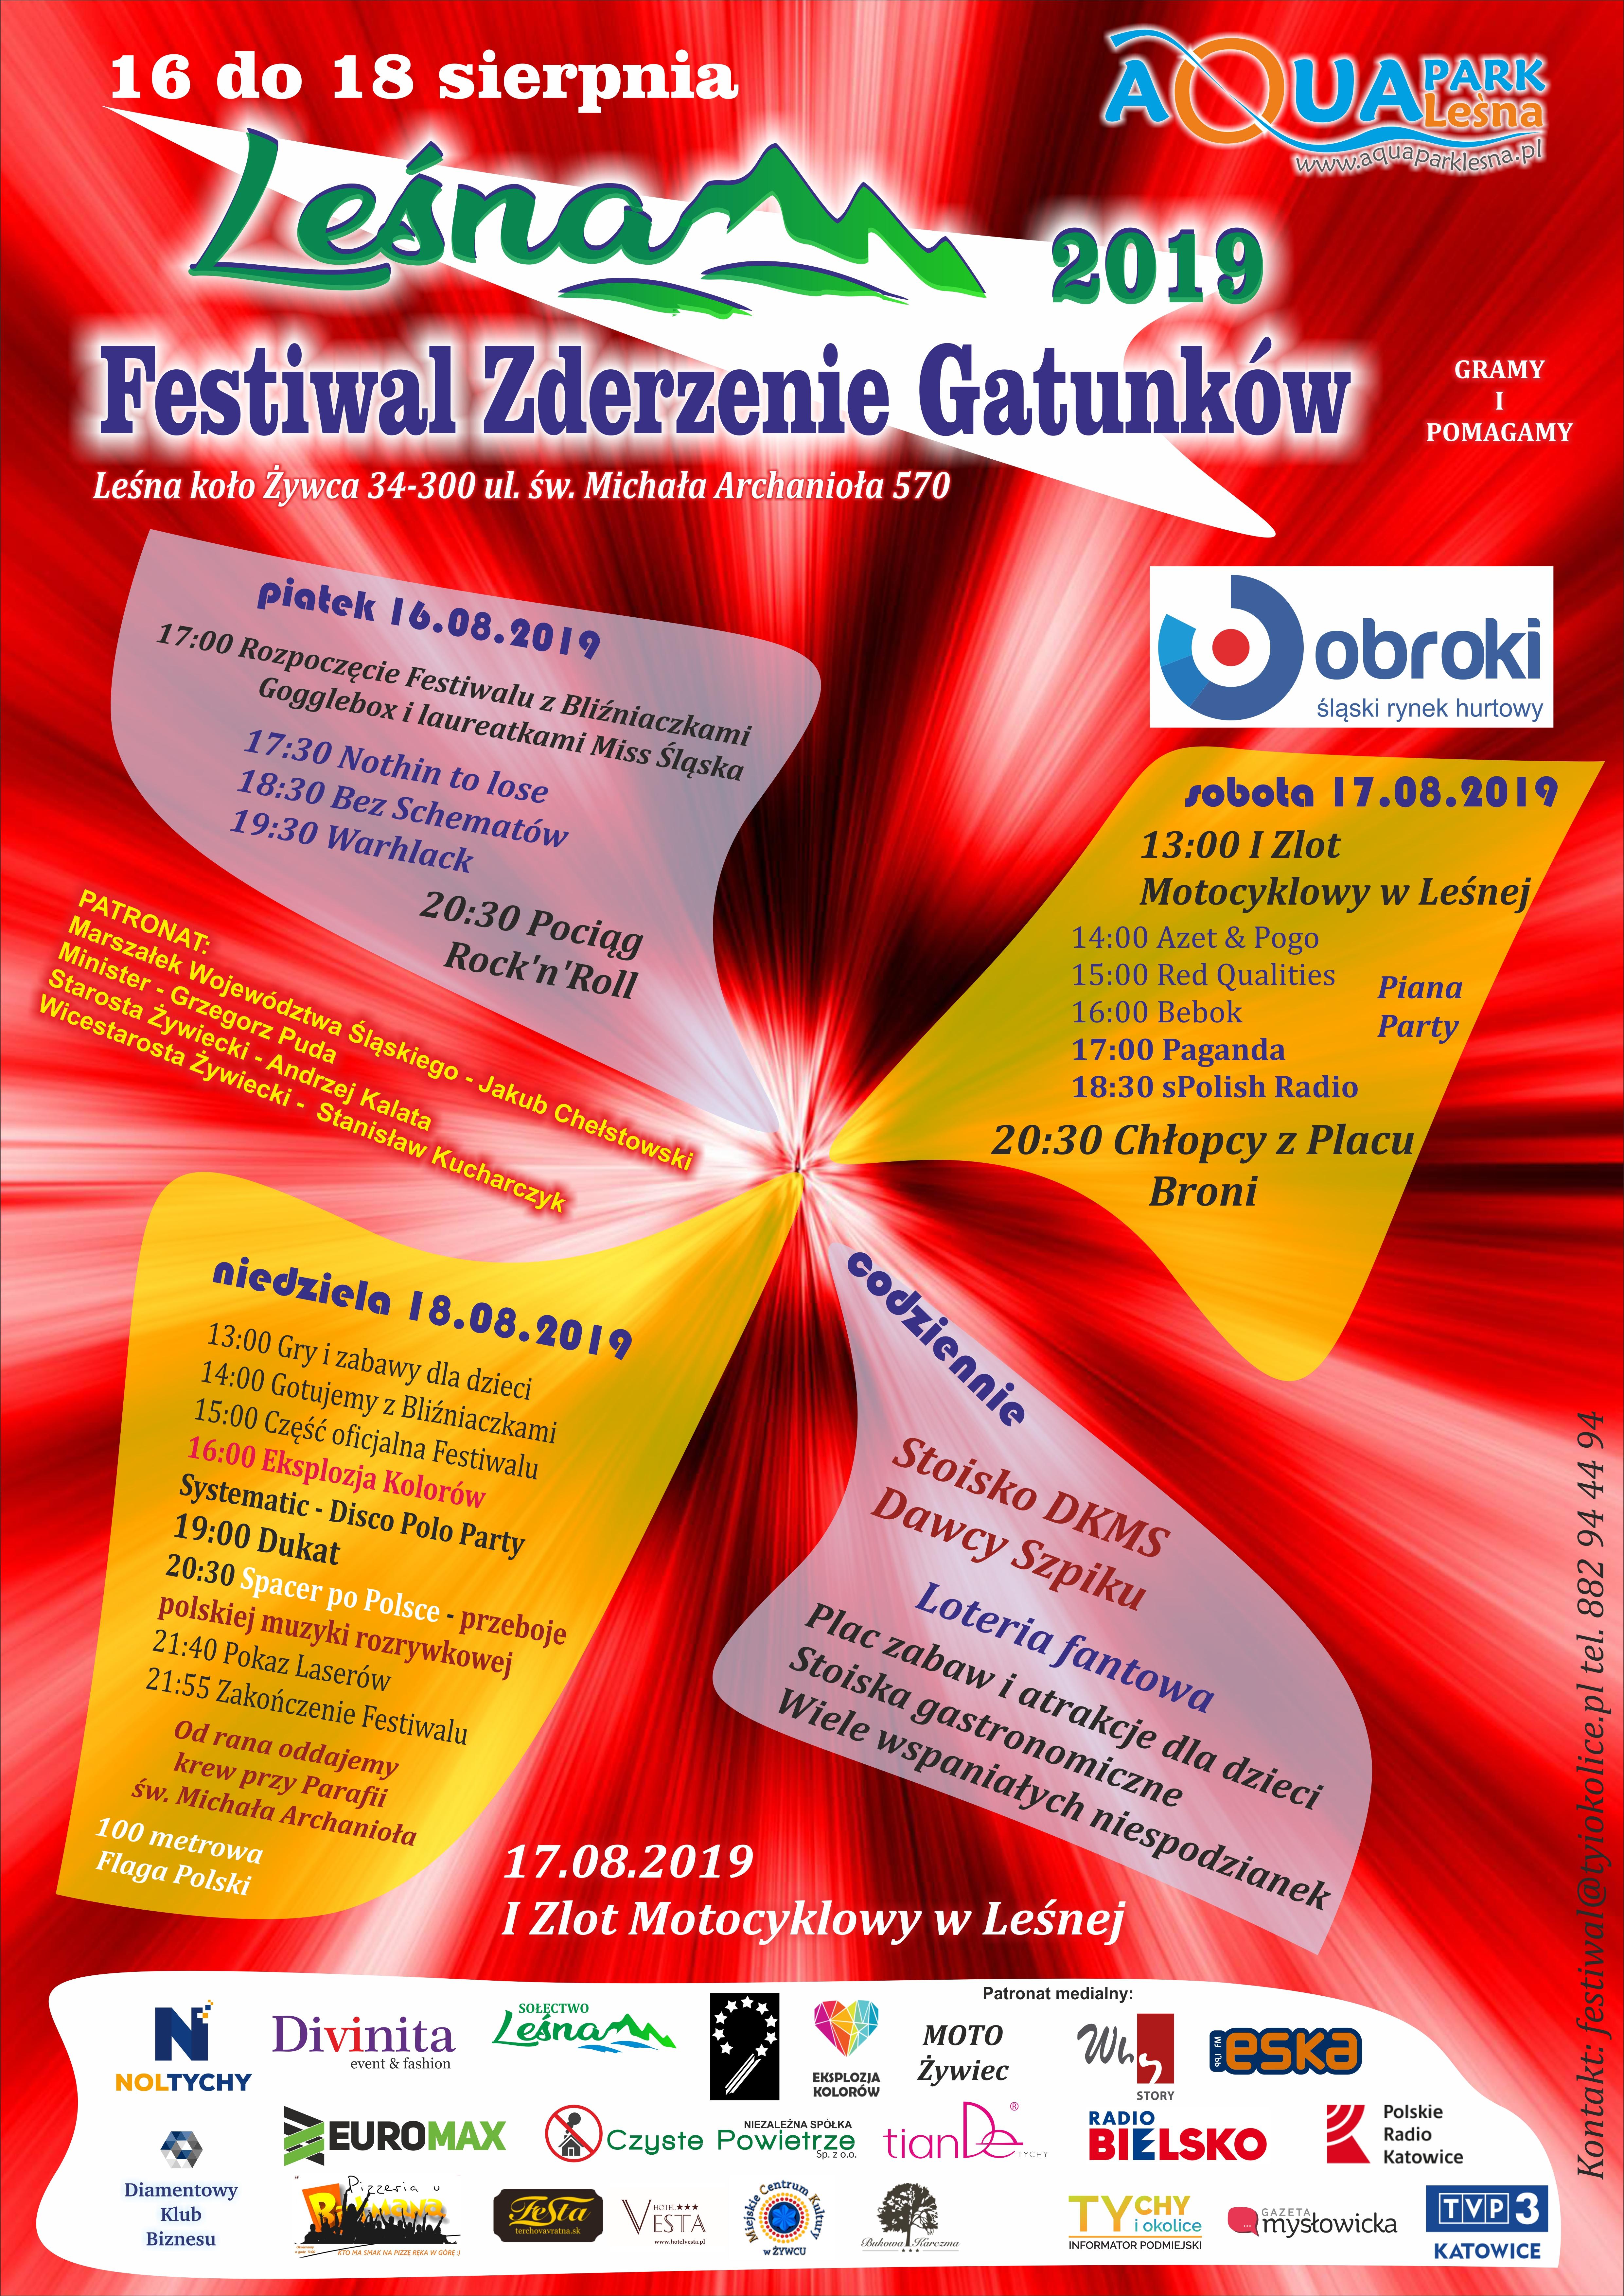 Festiwal Zderzenie Gatunków - Leśna 2019